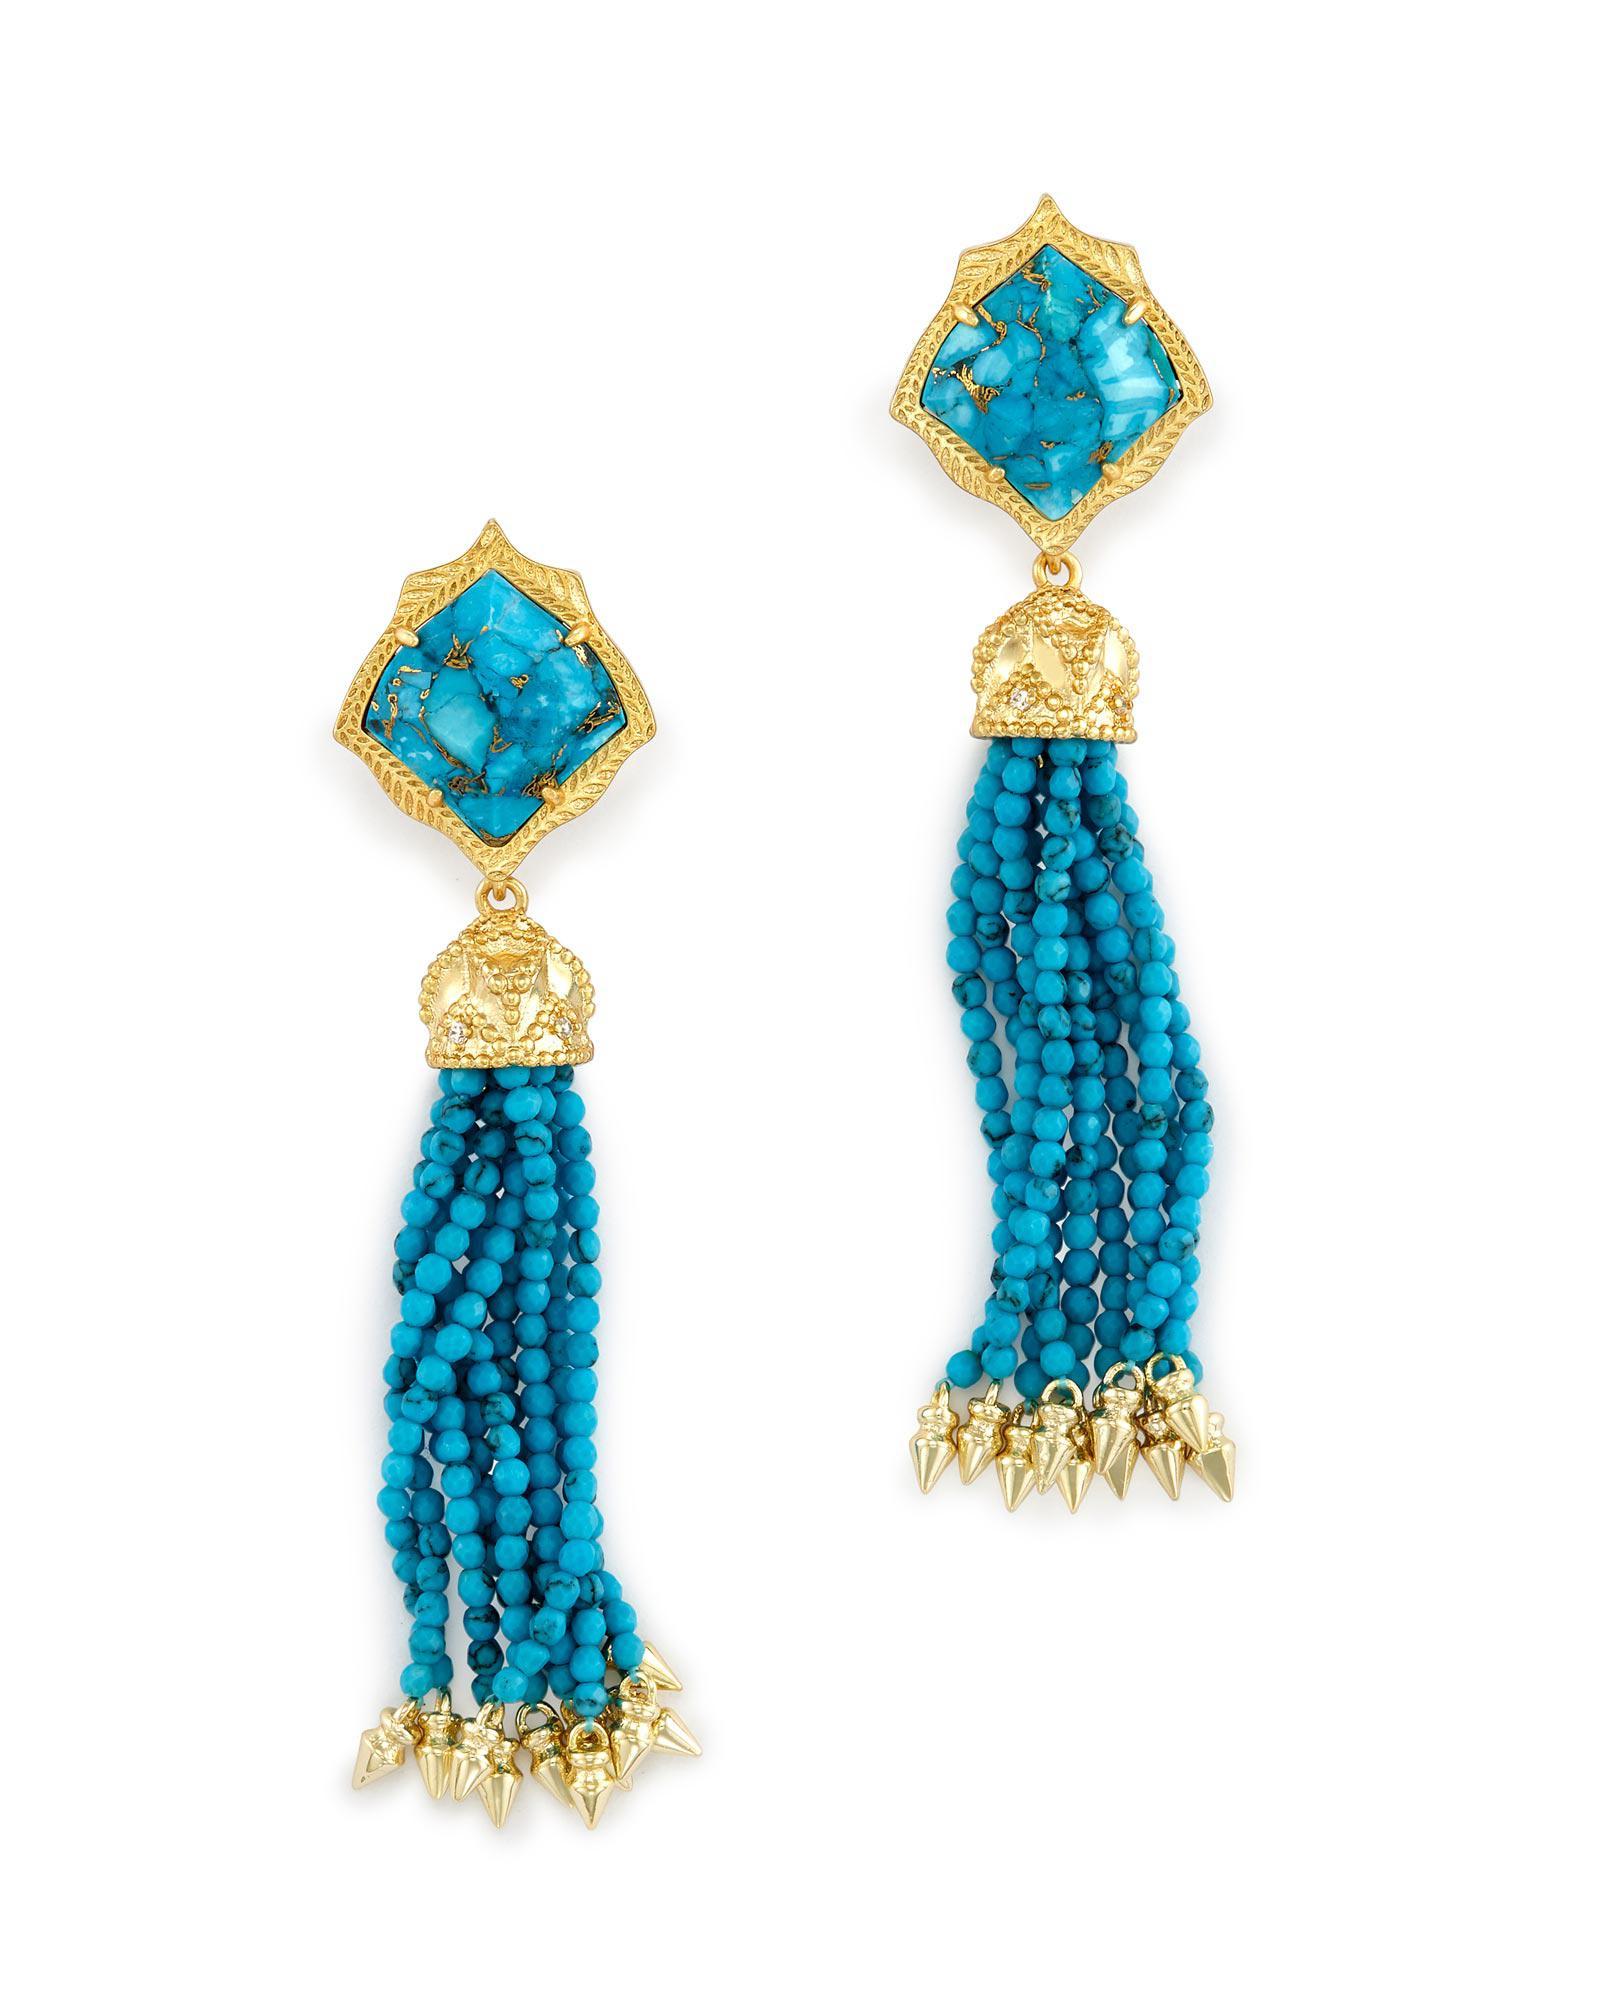 5bcdad17a3b27 Lyst - Kendra Scott Misha Statement Earrings in Blue